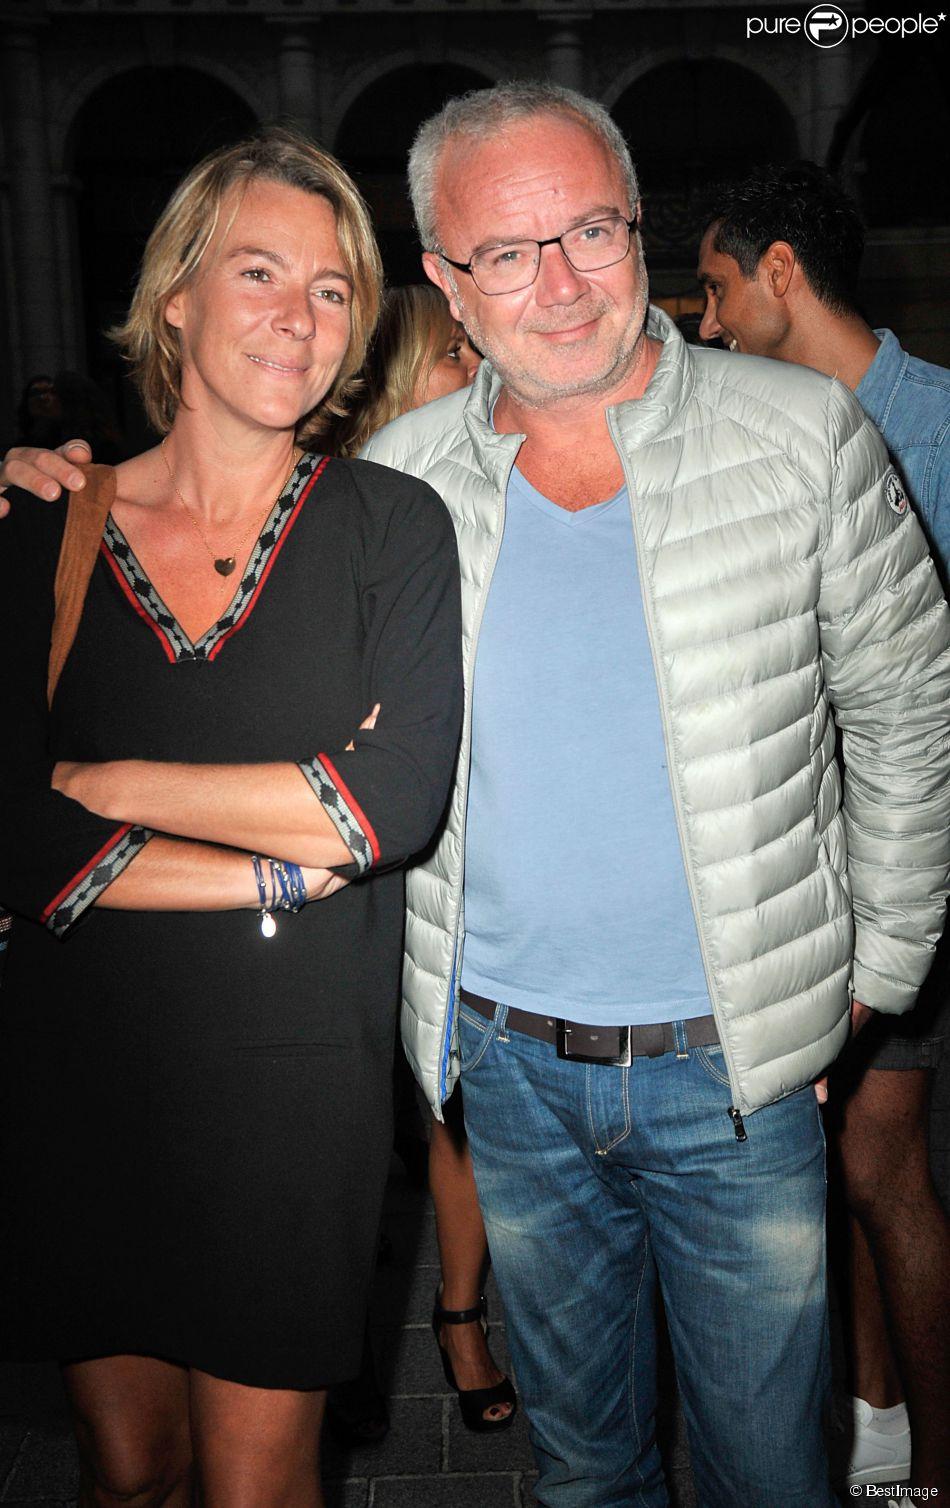 Olivier Baroux et sa femme Coralie - Avant Première du film 'Bon Rétablissement' au théatre Edouard VII à Paris le 8 septembre 2014.08/09/2014 - Paris